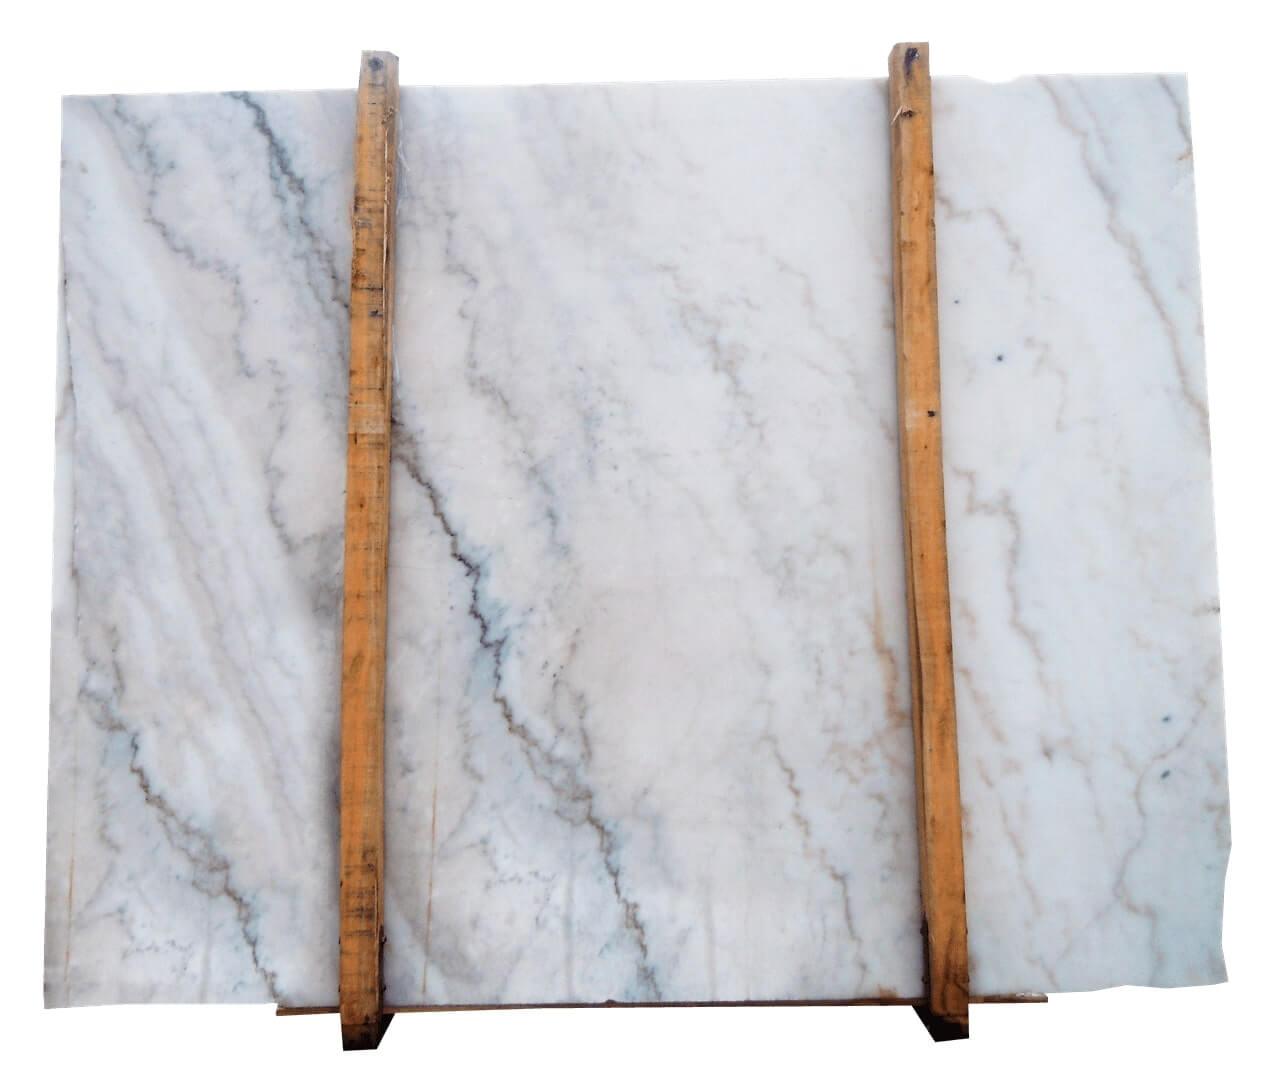 Crystal White Marble-Absolute White Marble-Polar White